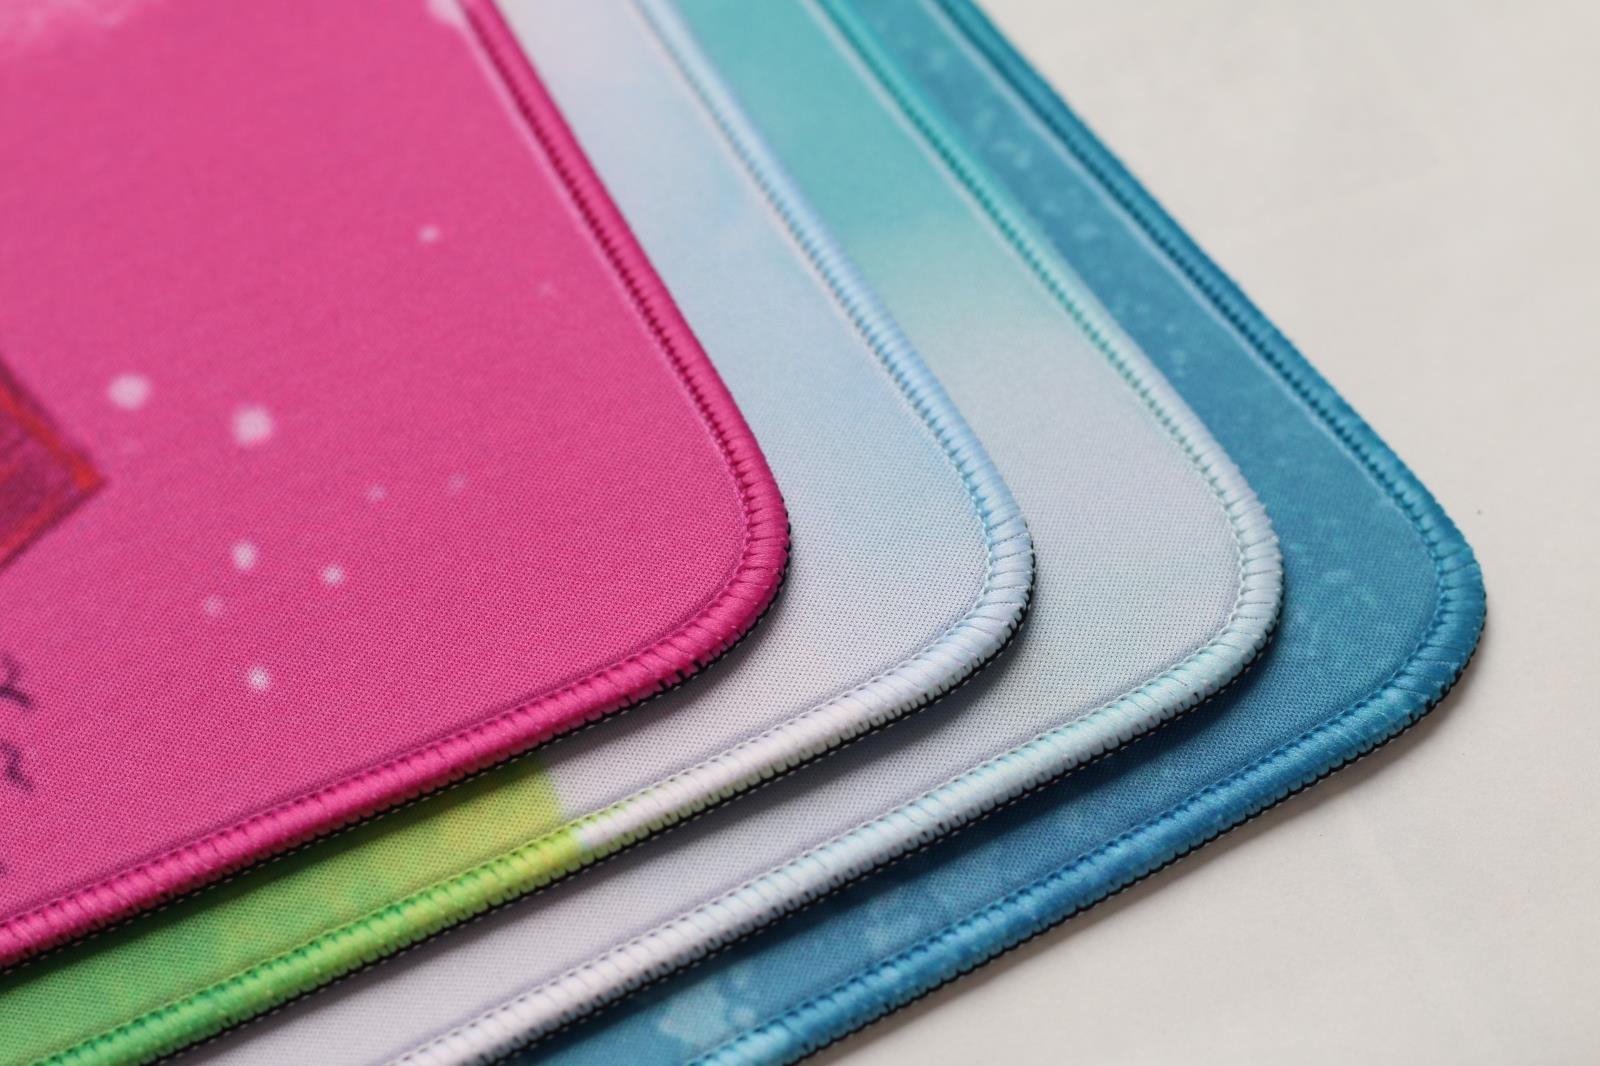 防水布面天然环保橡胶无异味超大鼠标垫来图定做 定制图案吃鸡桌